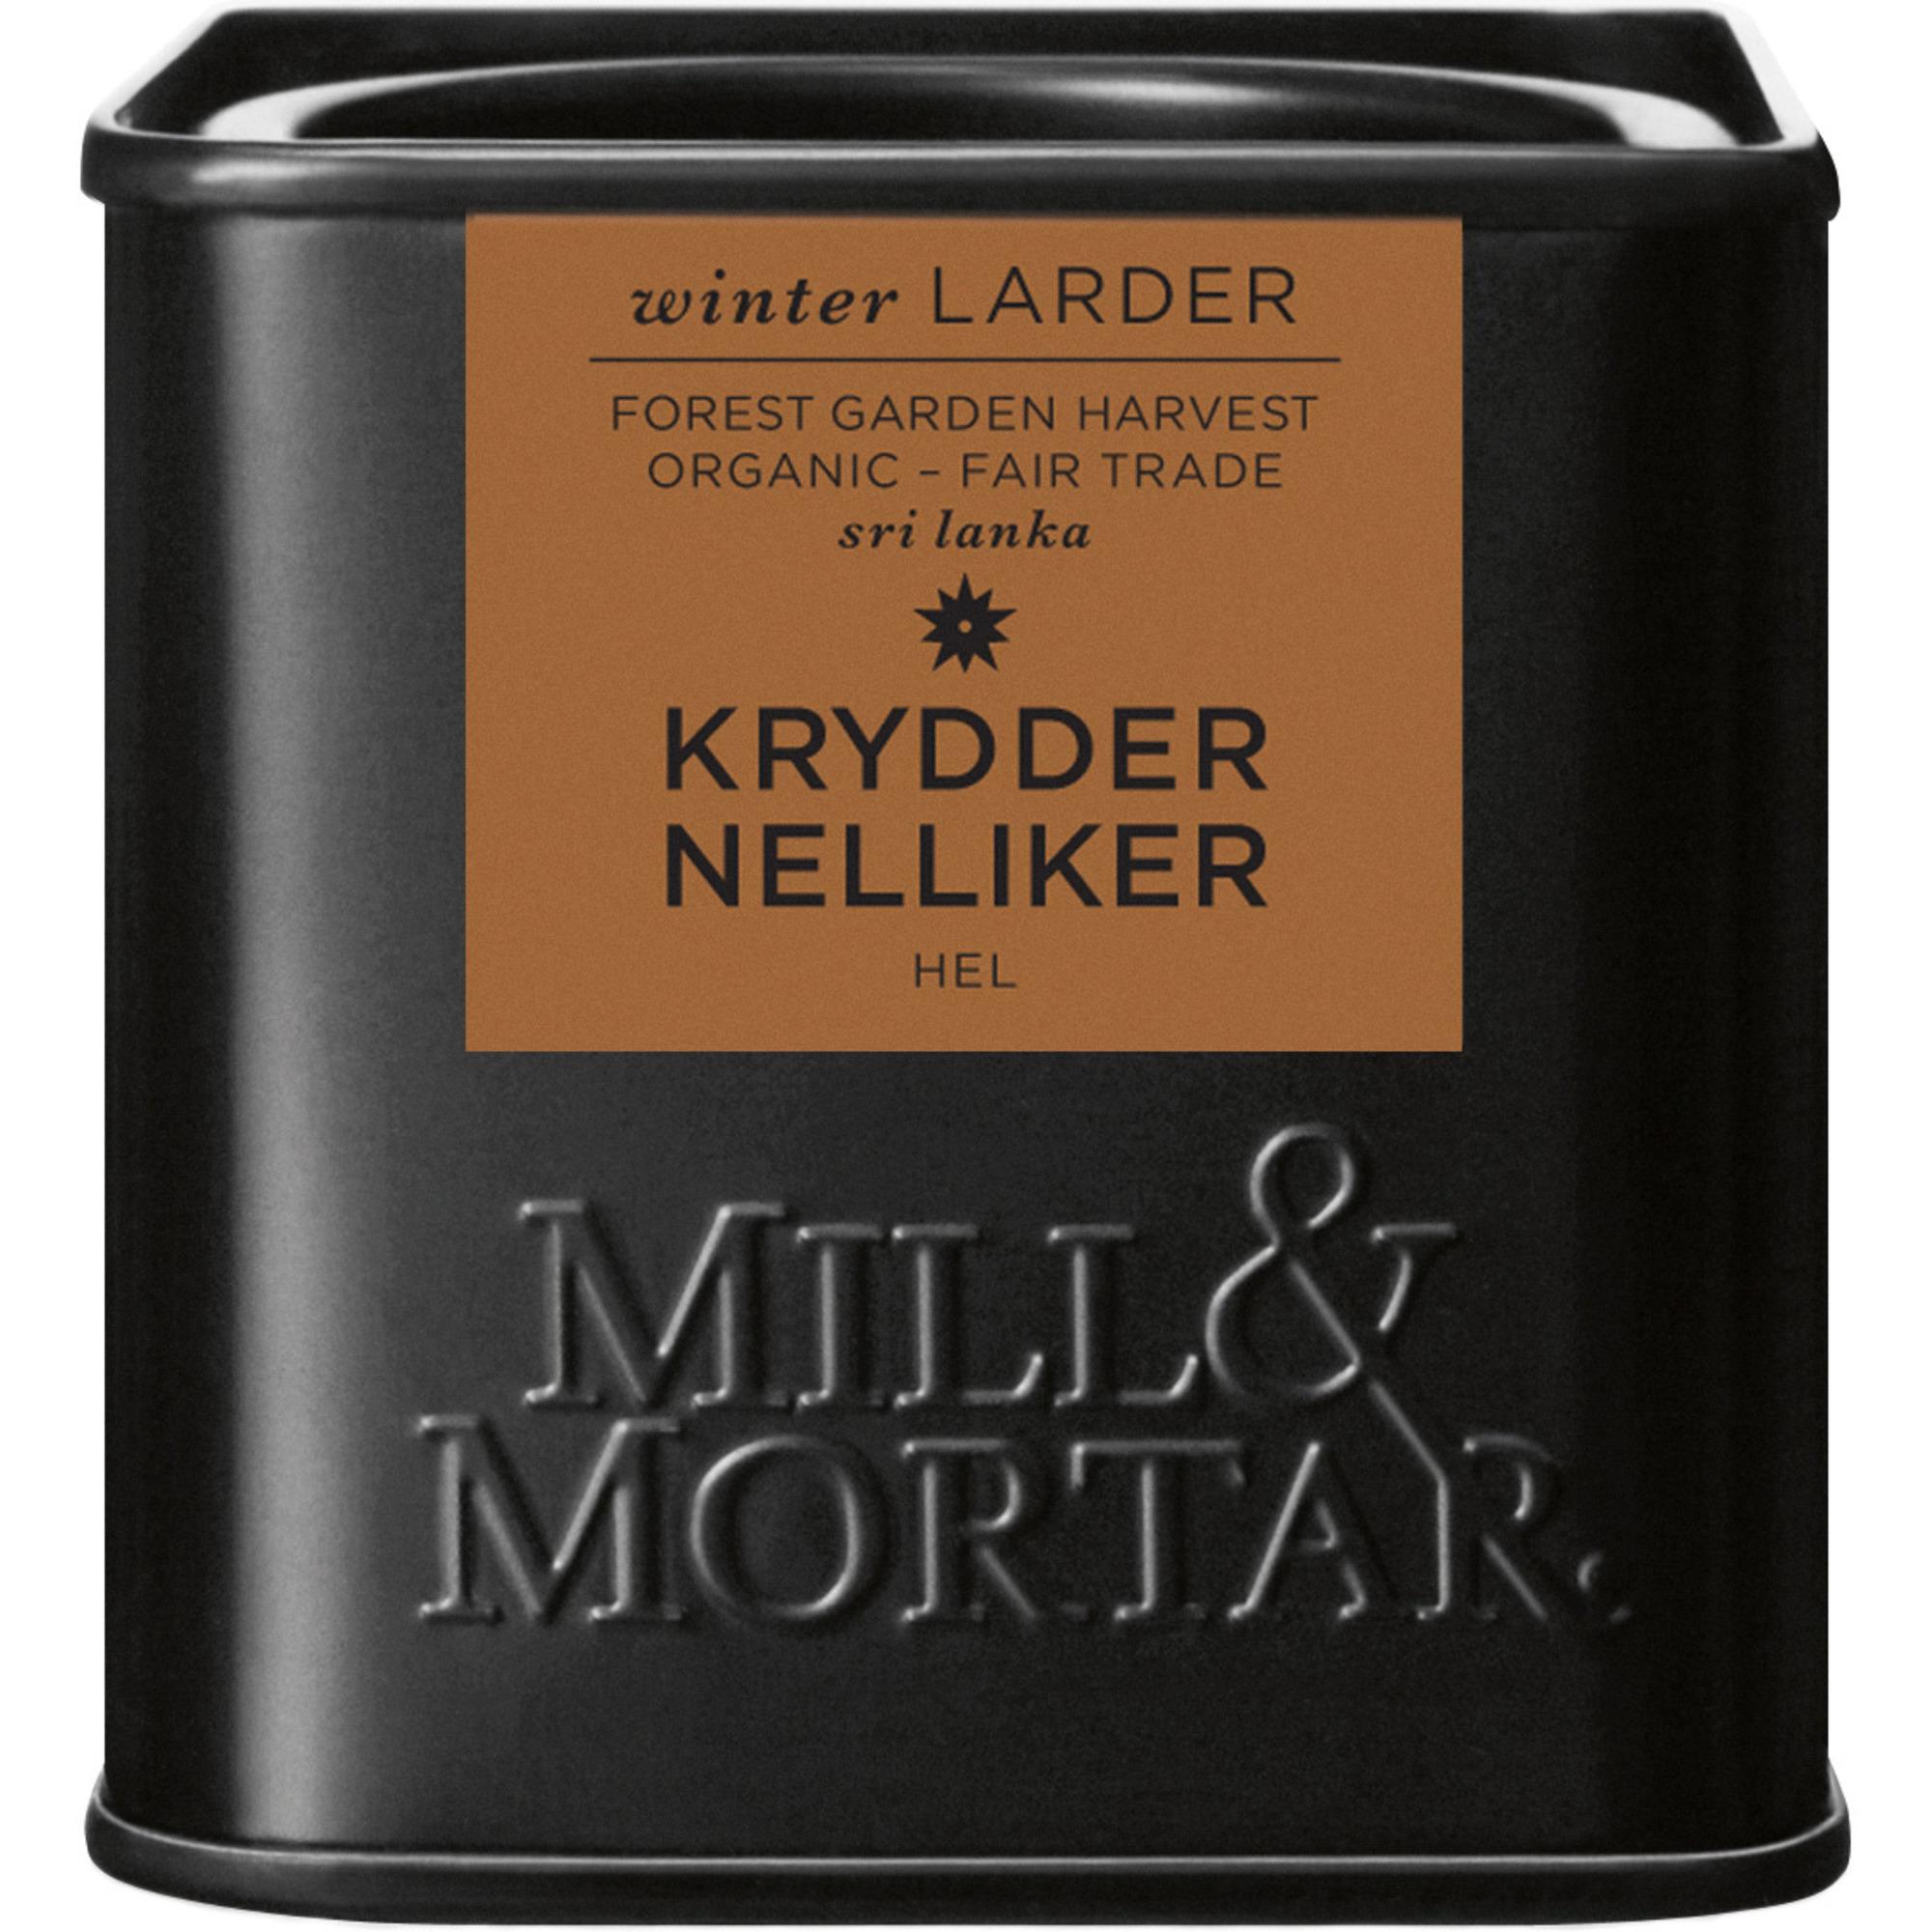 Mill & Mortar Nejlikor hel 35 g